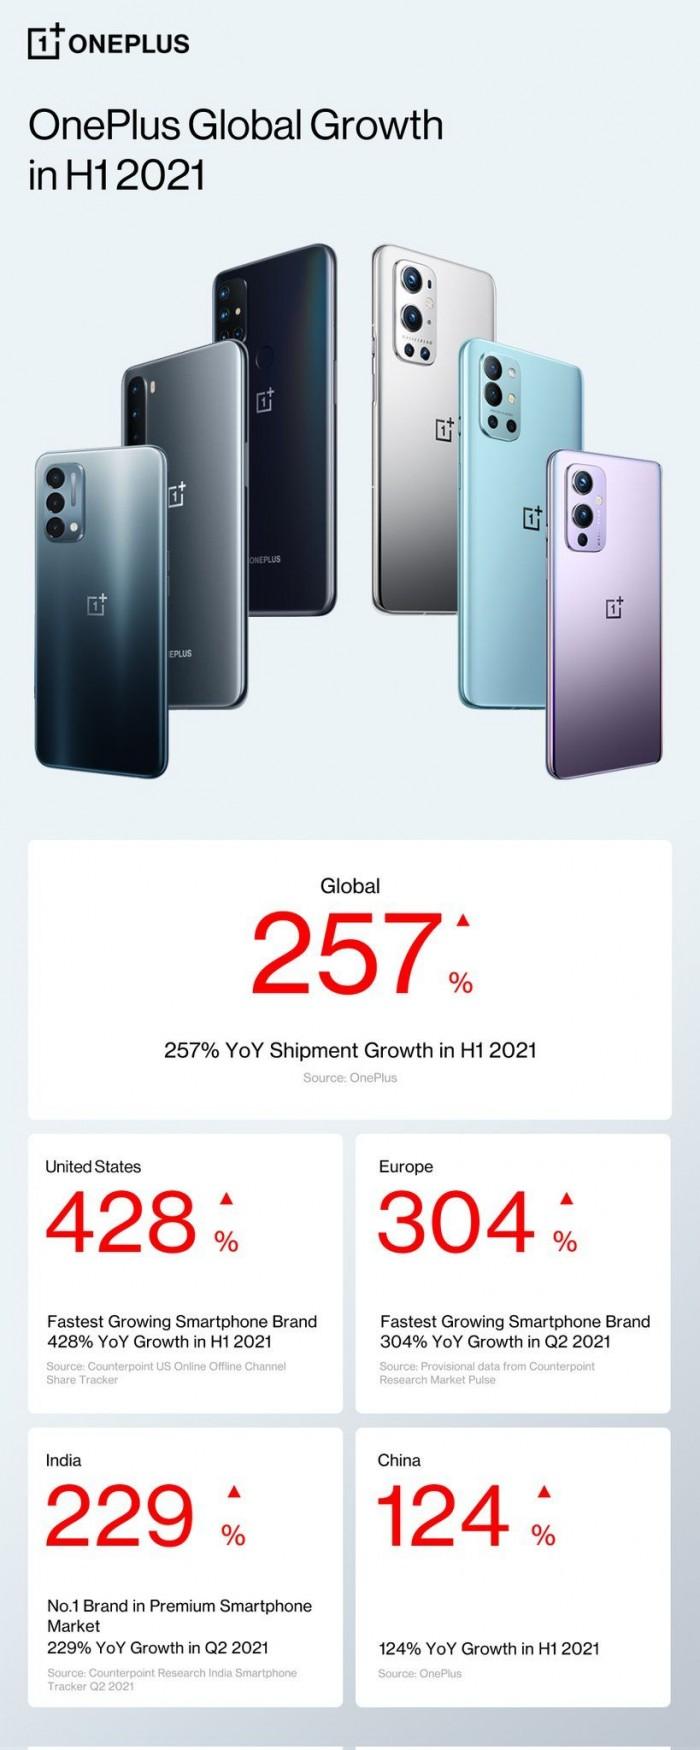 一加官方公布品牌扩张数据:上半年全球出货量增长257% -第1张图片-IT新视野